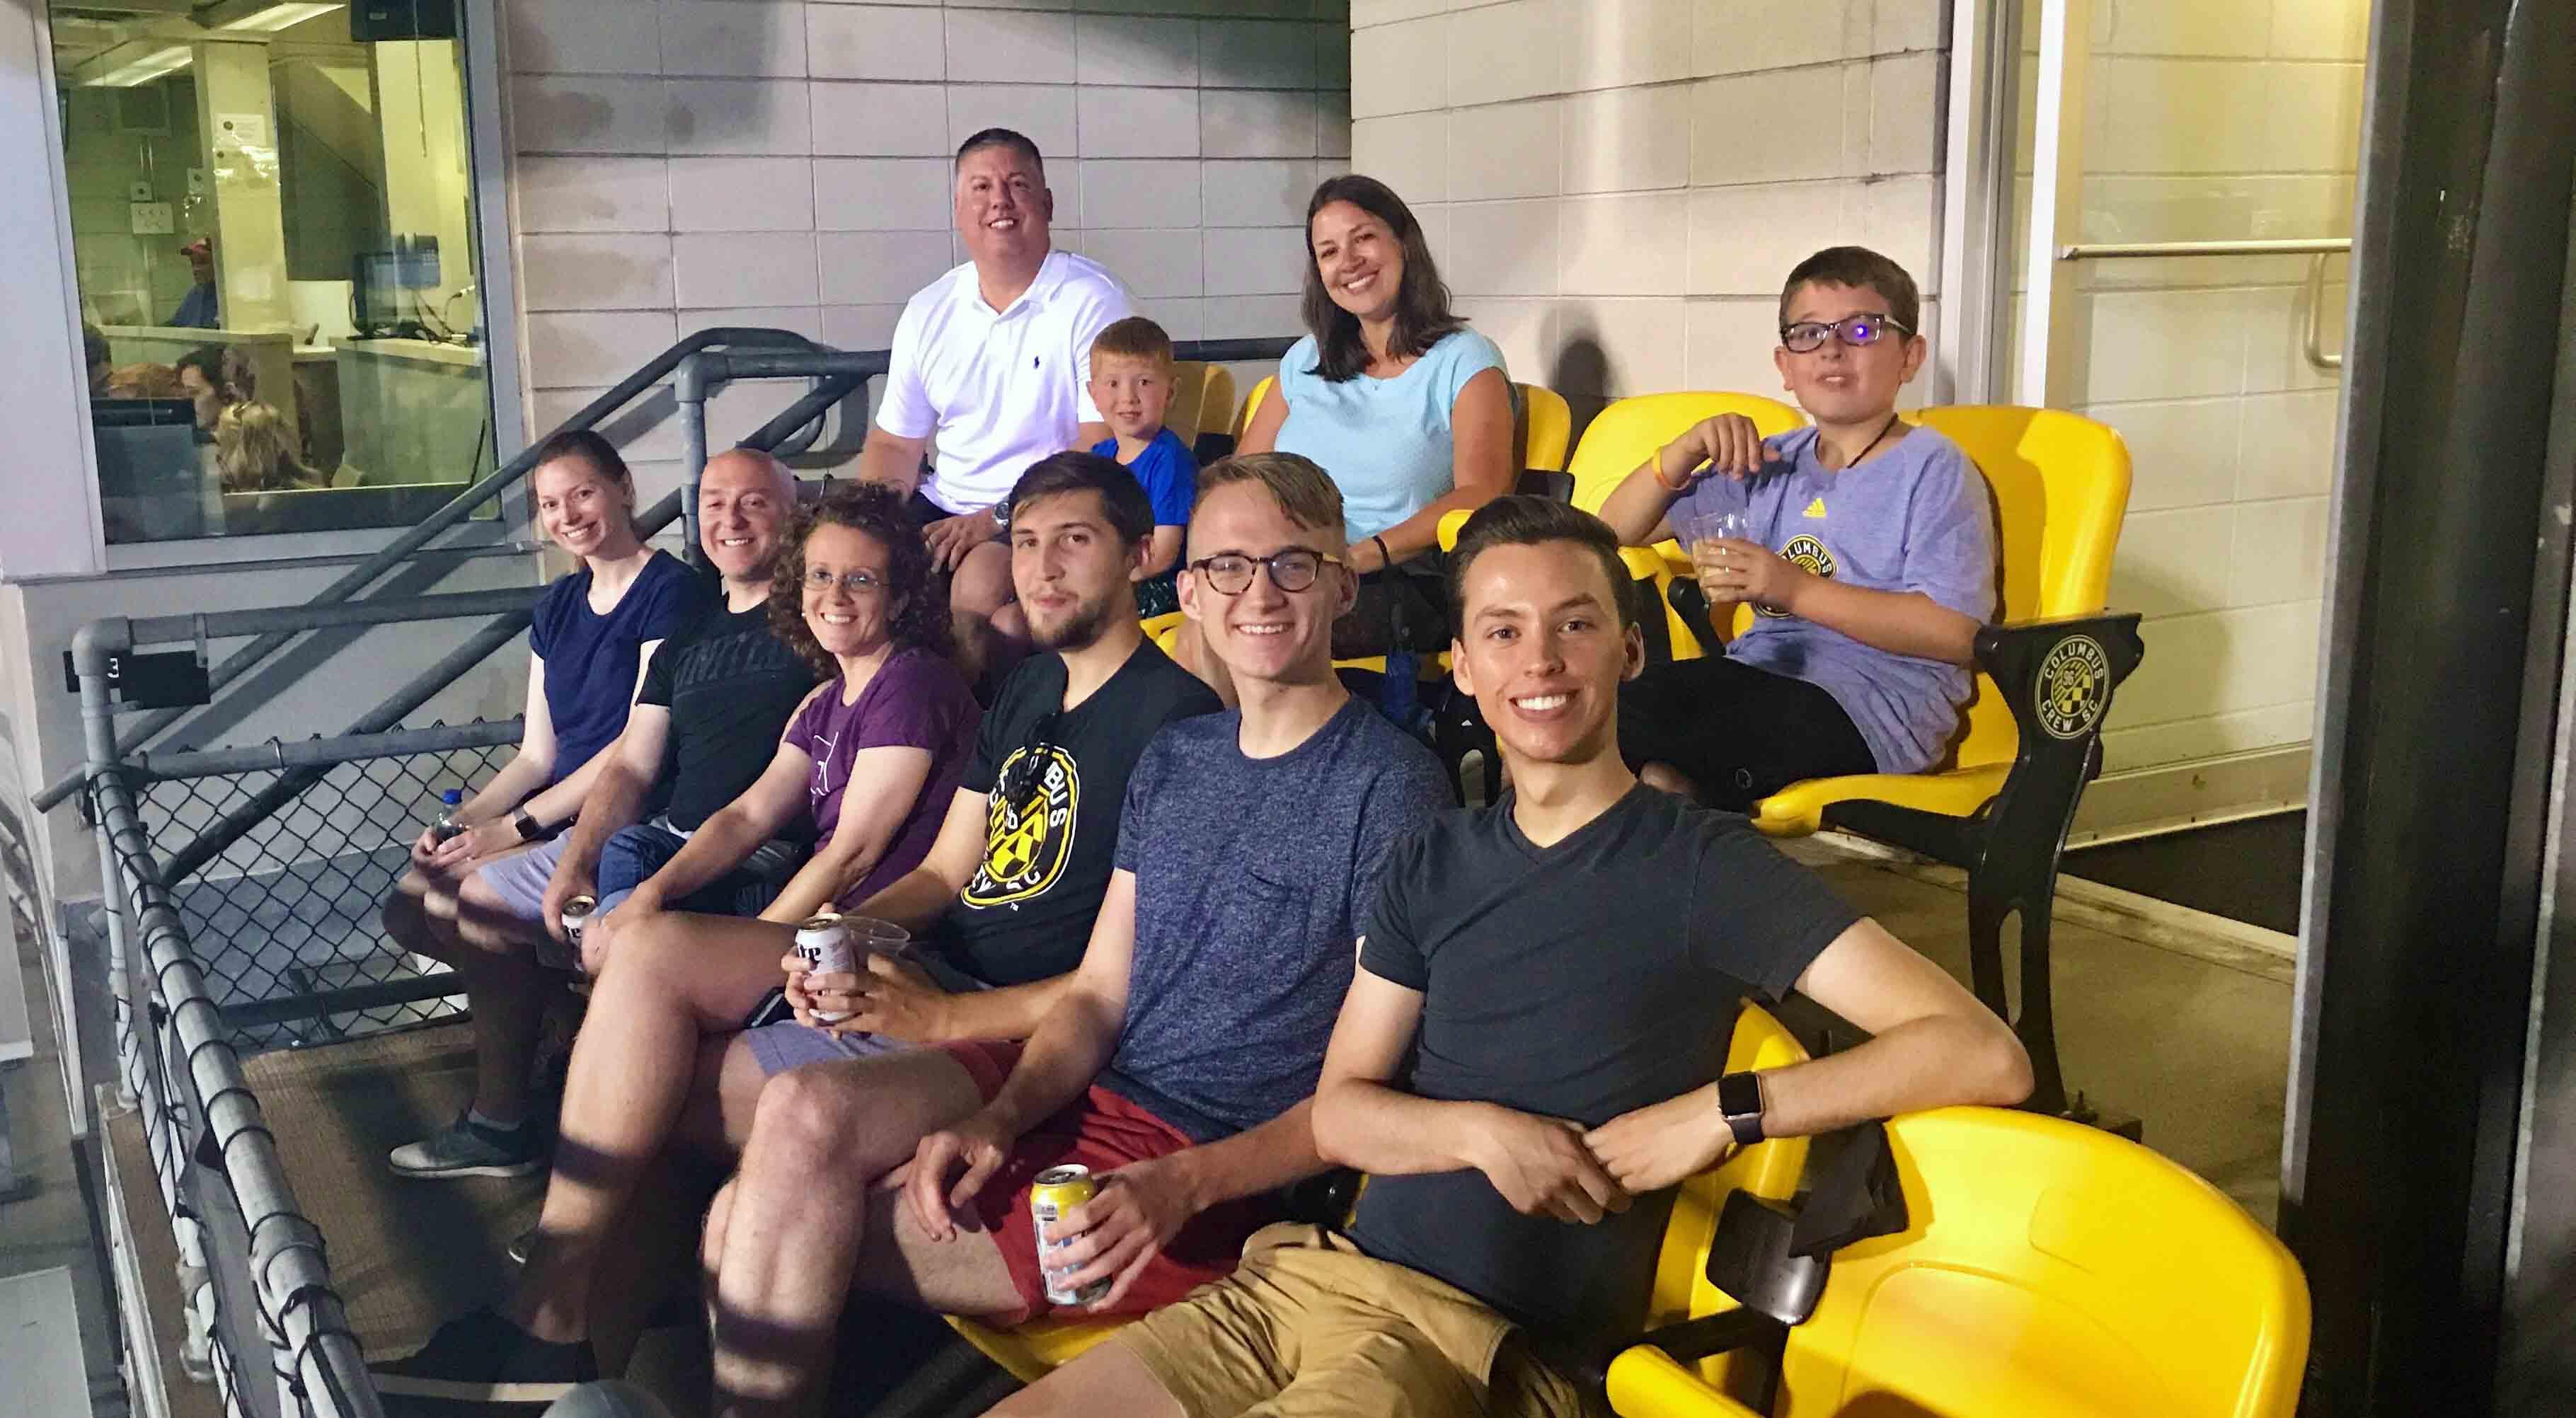 People sitting at the Columbus Crew stadium